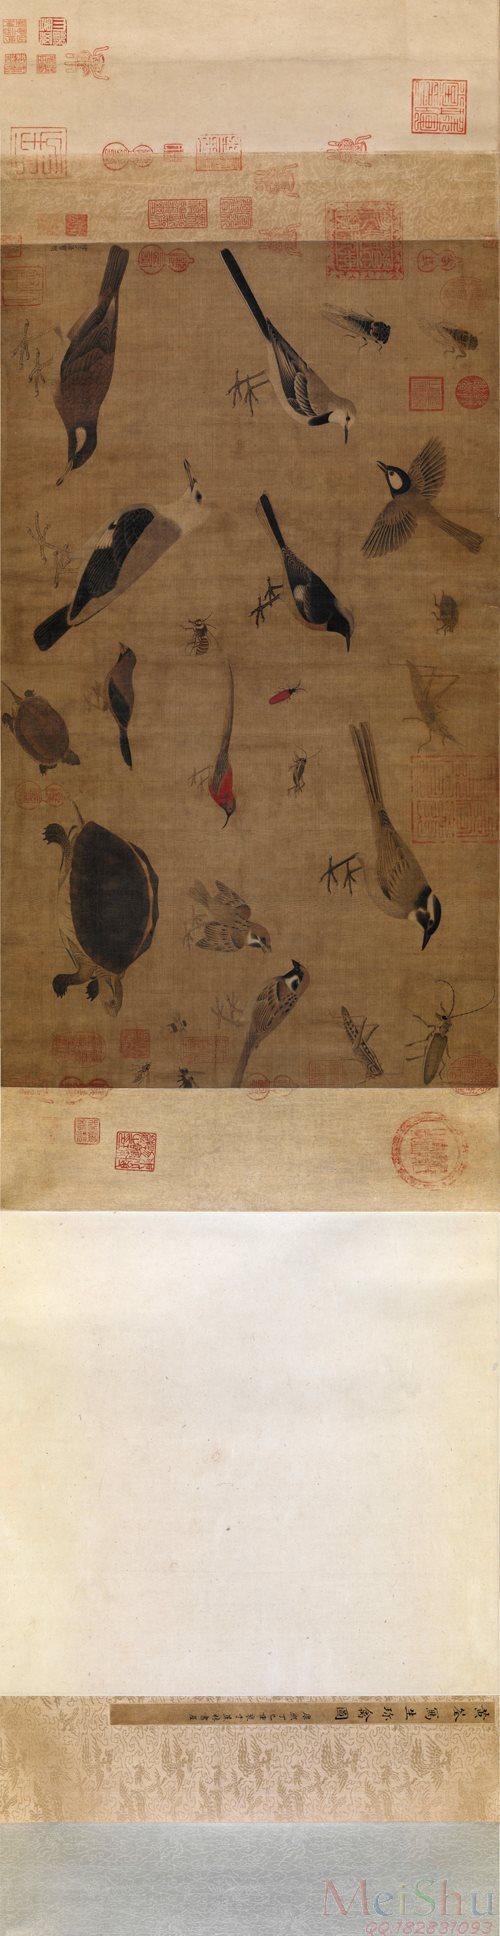 【超顶级】GH7280114古画动物五代 后蜀 黄筌《写生珍禽图》卷北京故宫博物院镜片图片-601M-28530X7369